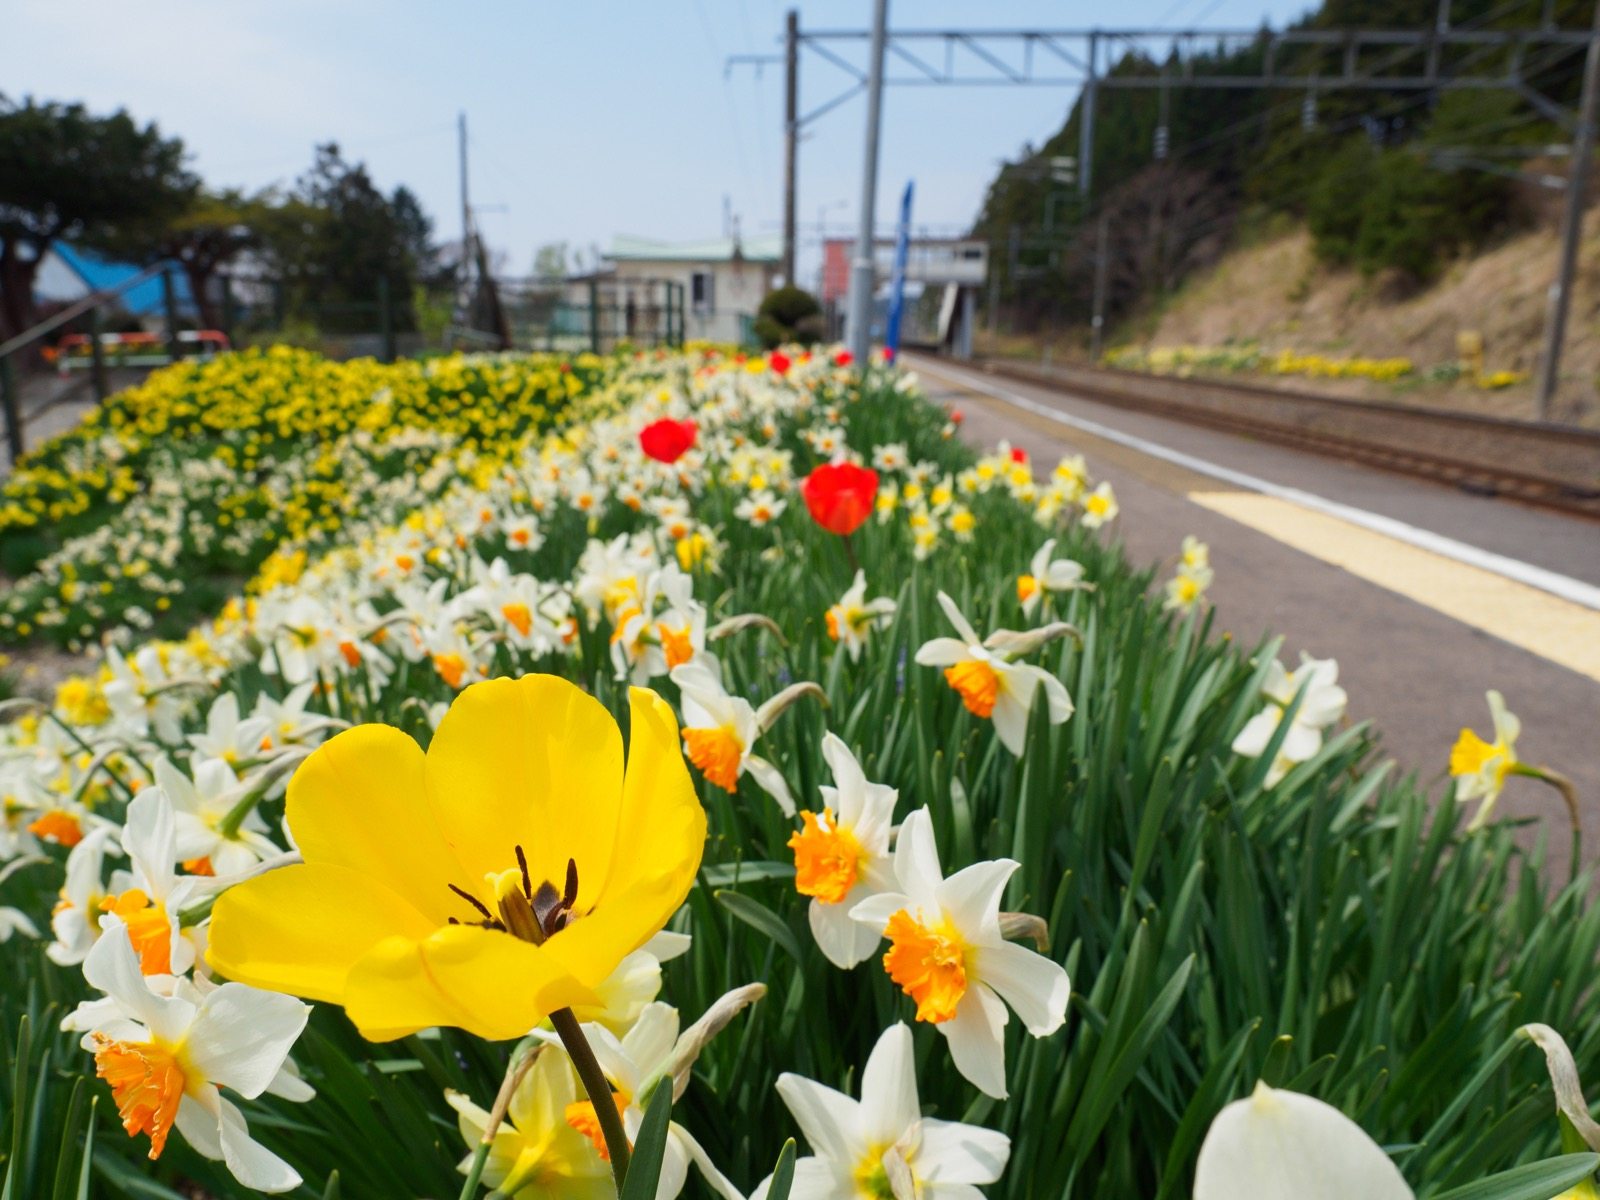 泉沢駅のホームにあるスイセン・チューリップ畑